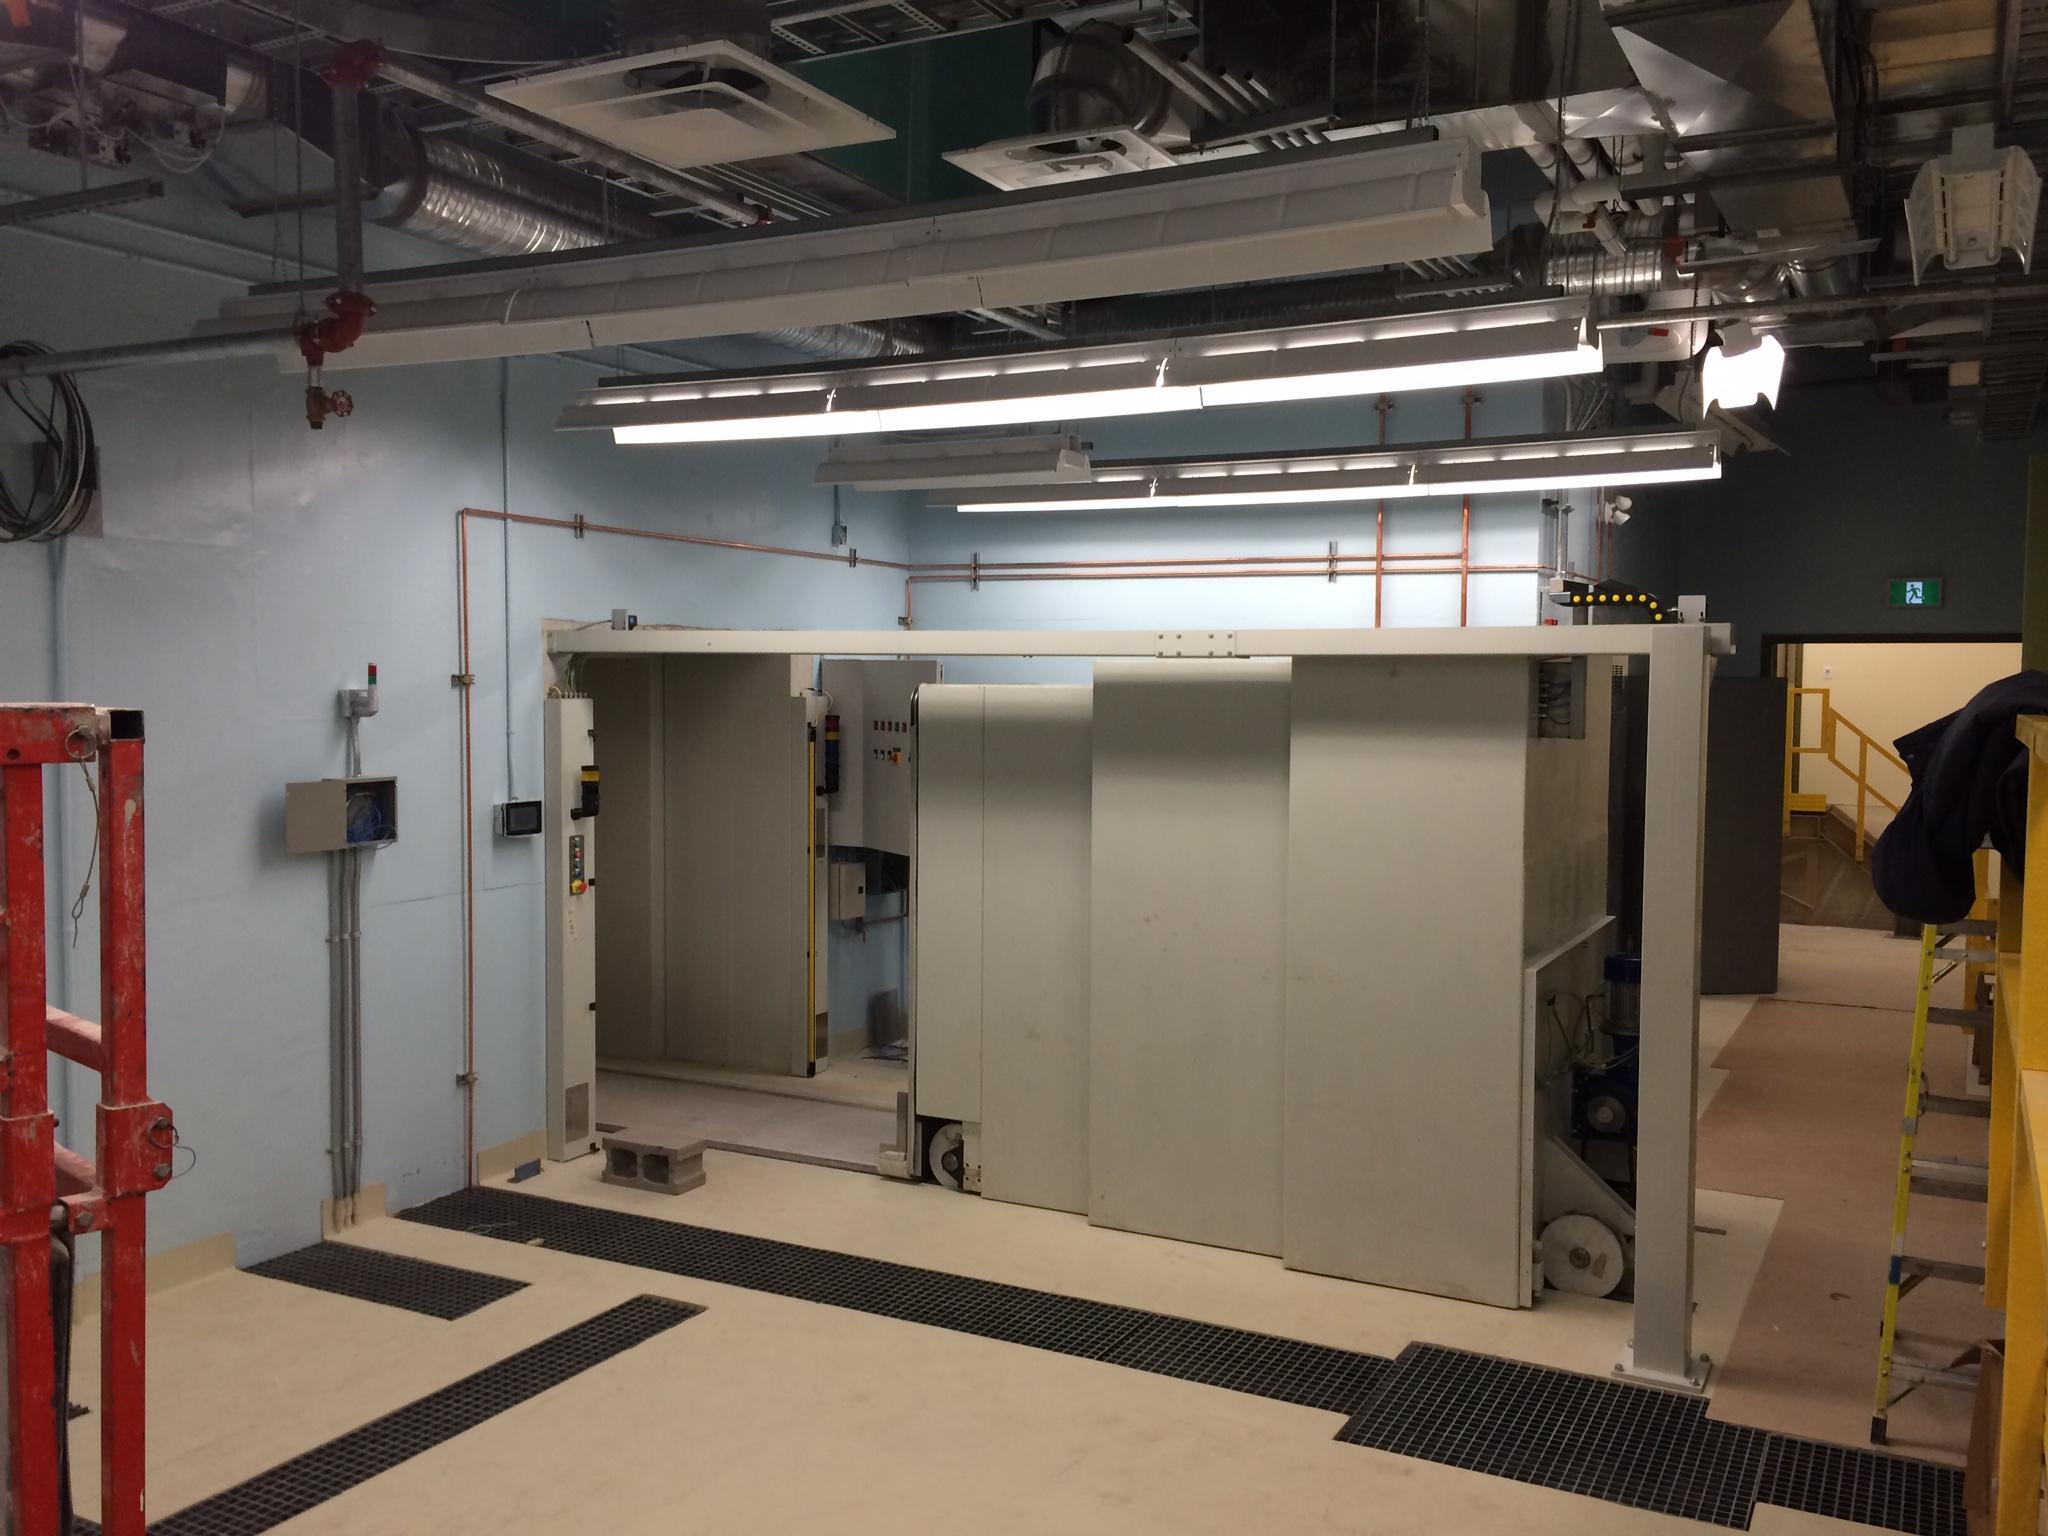 Bunker door system installed